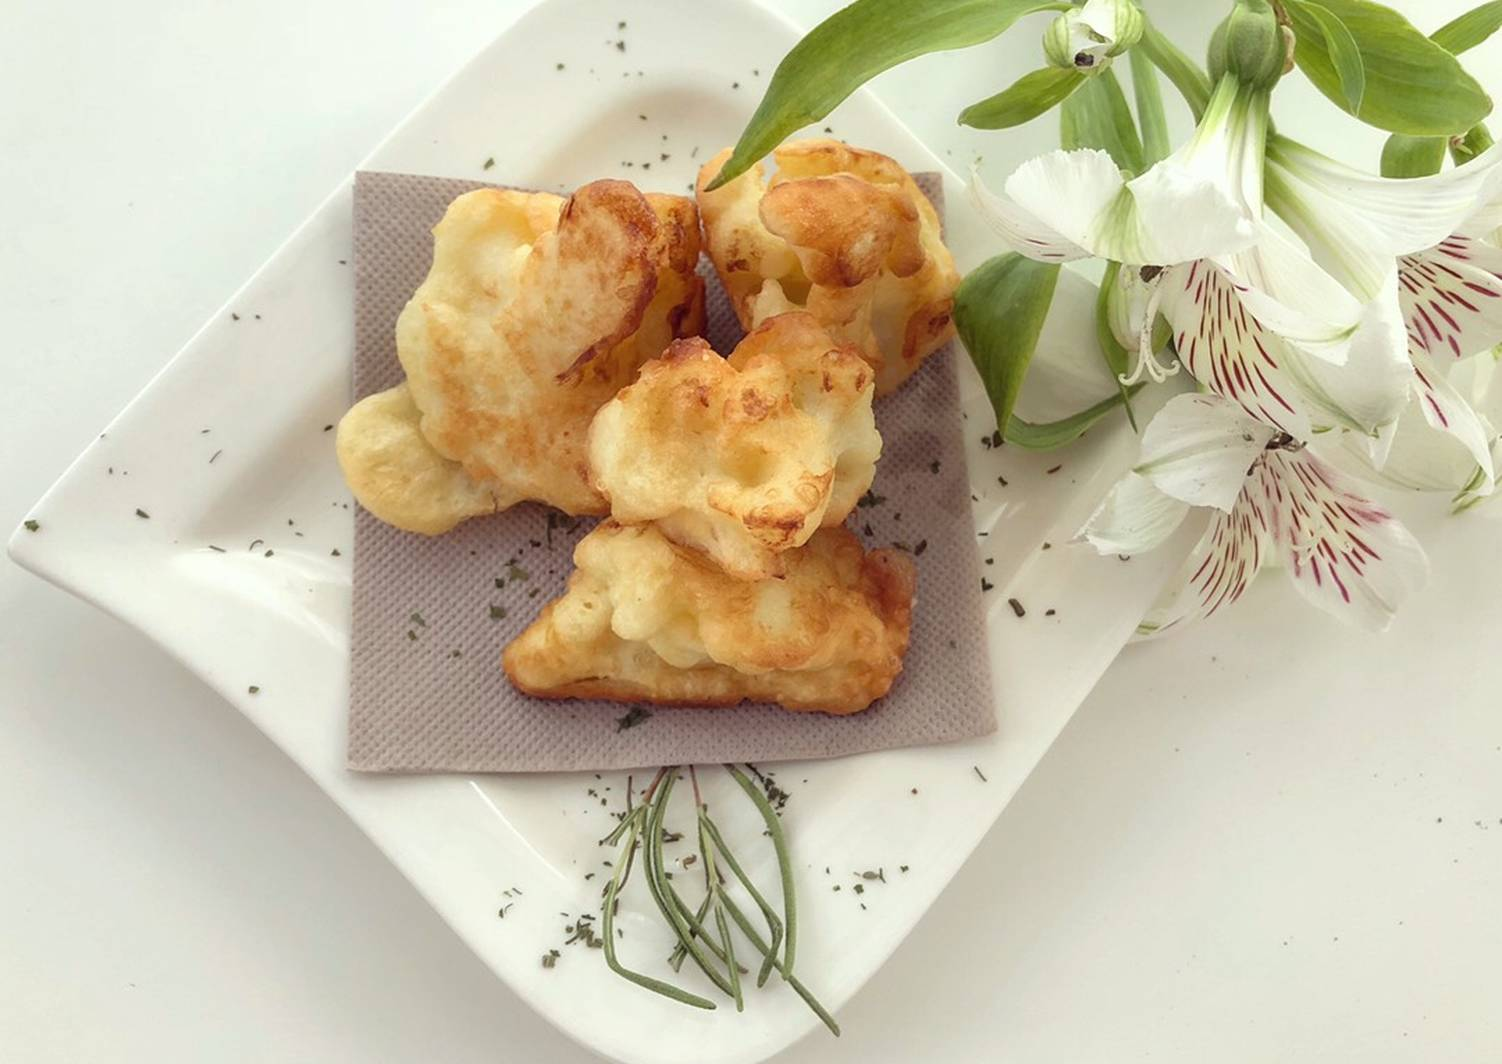 Балеш татарский пирог рецепт с фото тоже пиздец